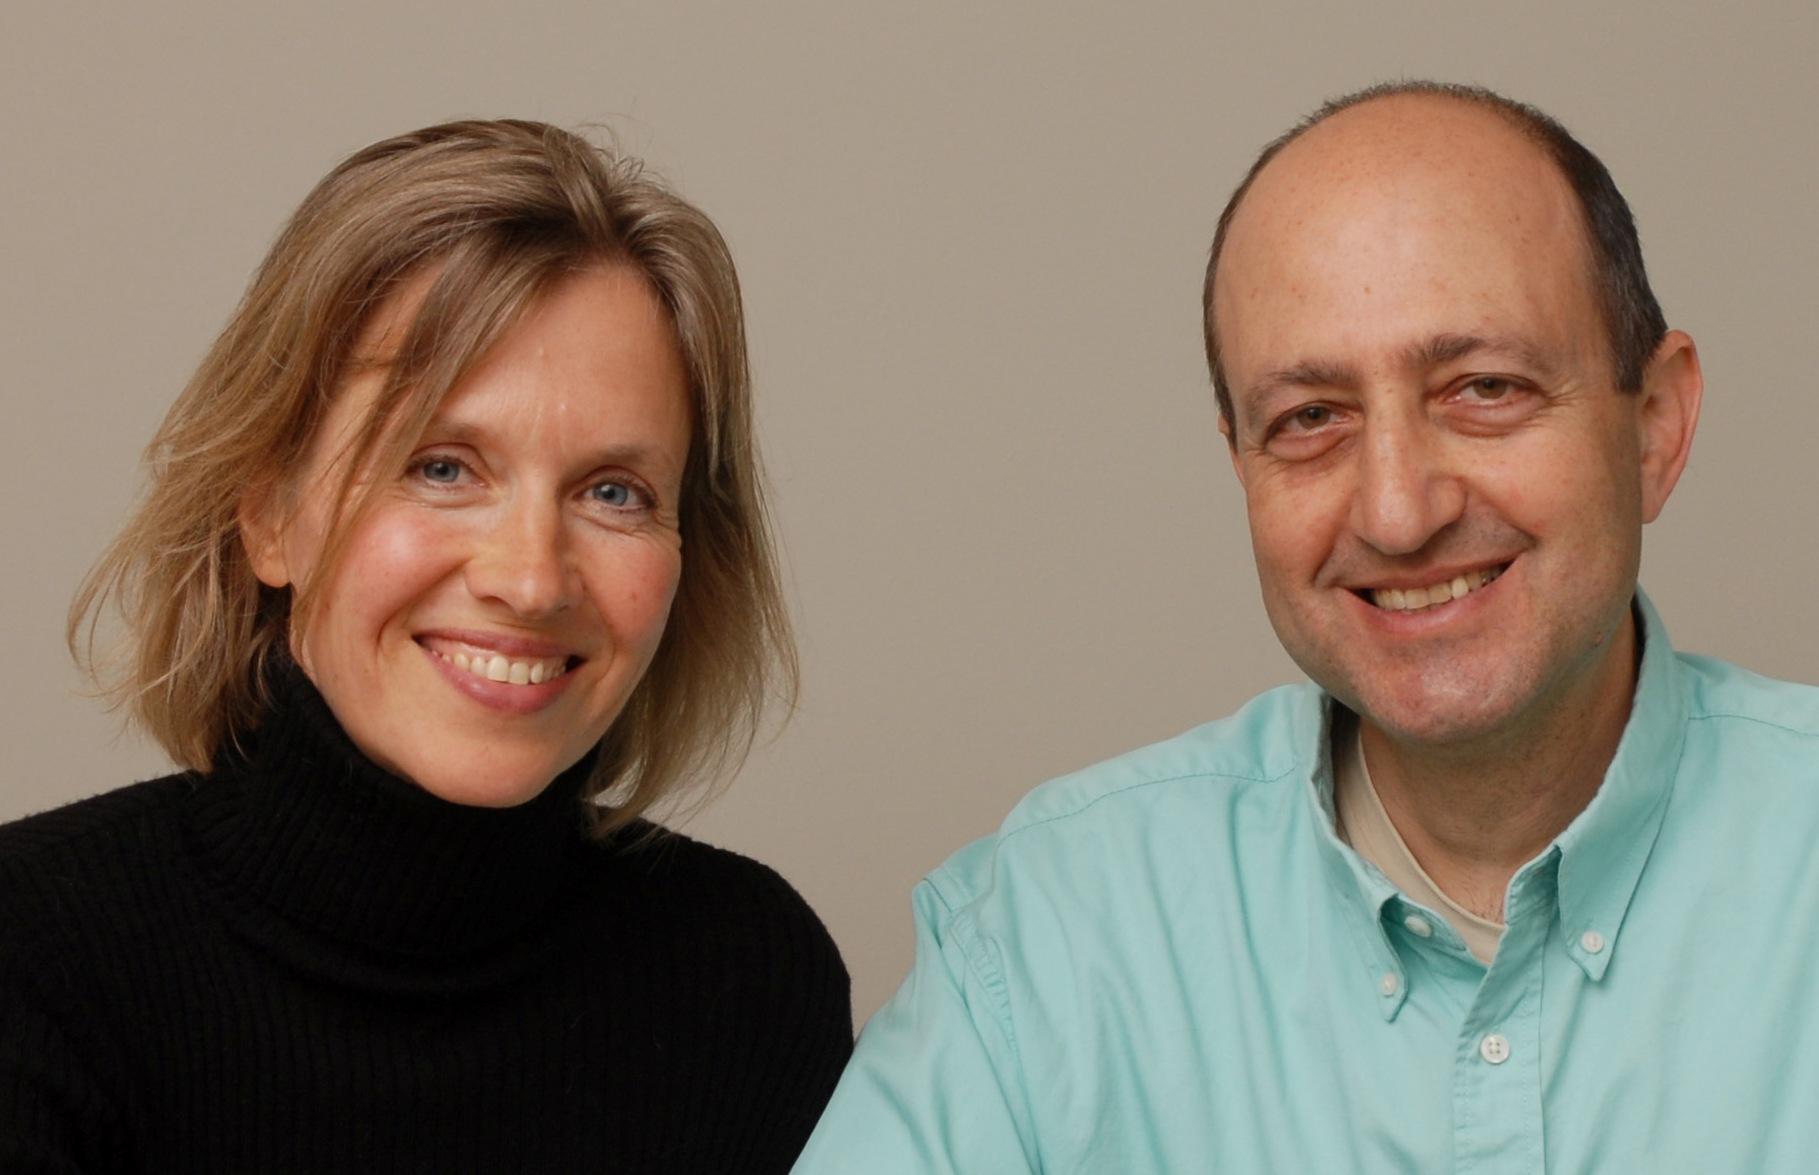 Katja and David Behrens